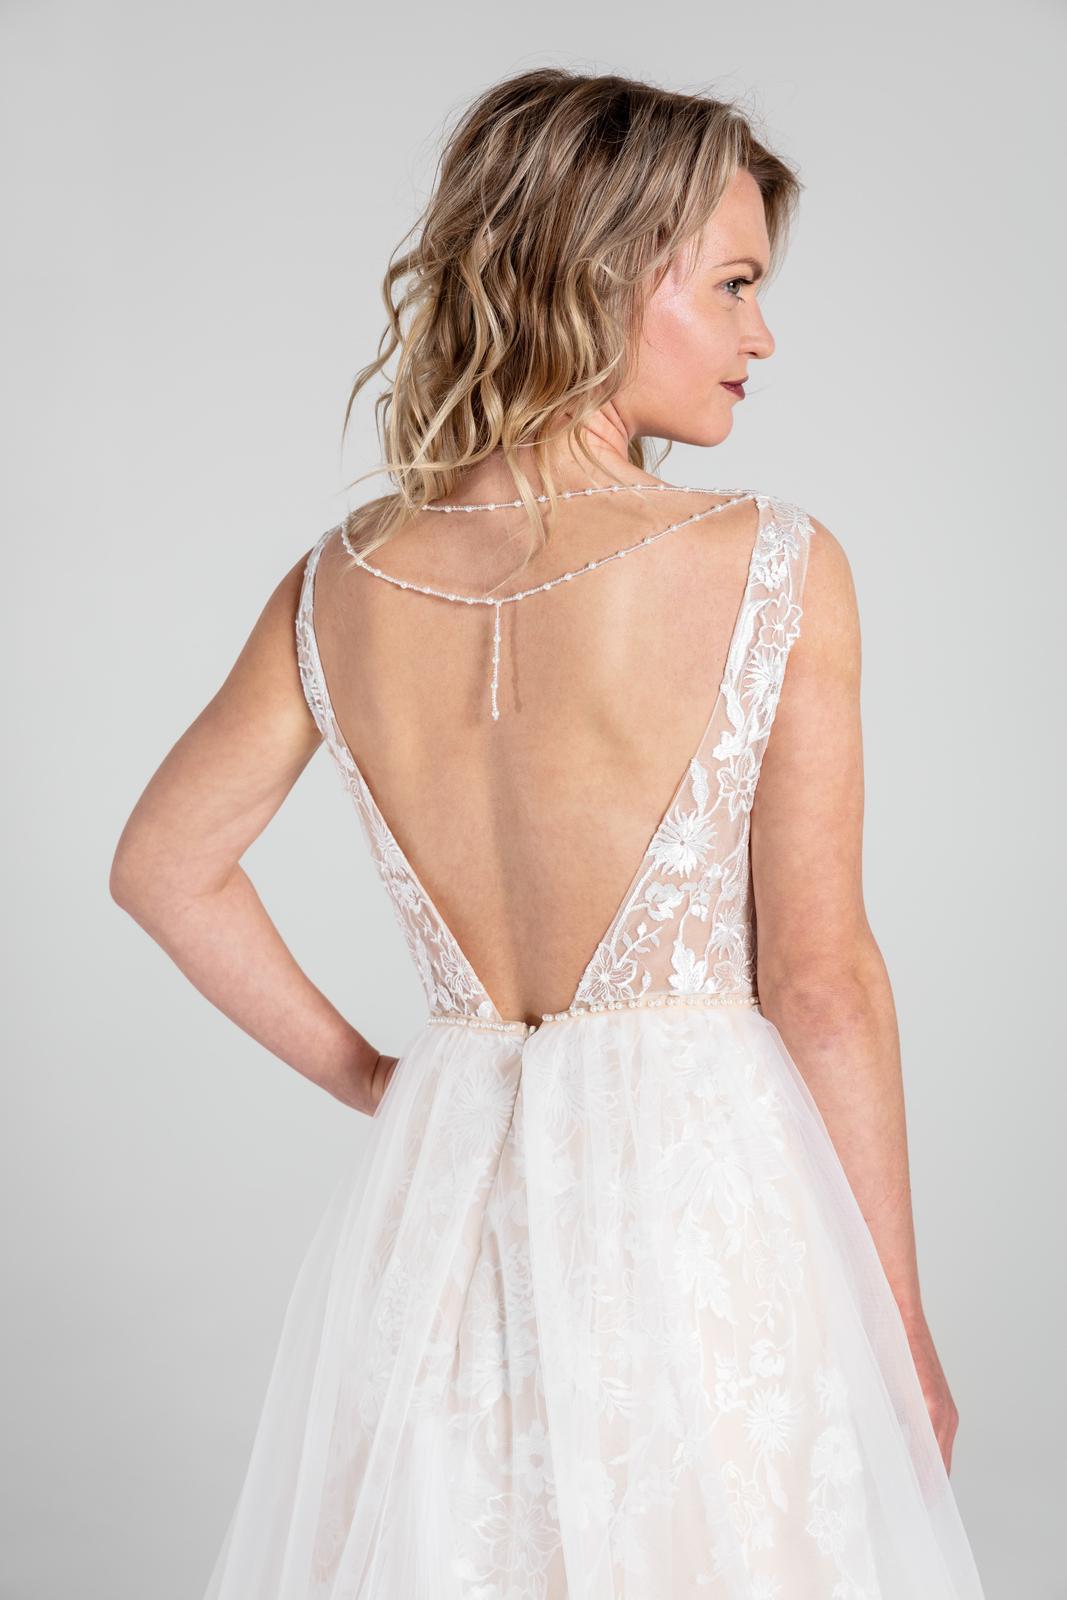 Svatební šaty v boho stylu s tylovou sukní, 36-42 - Obrázek č. 3